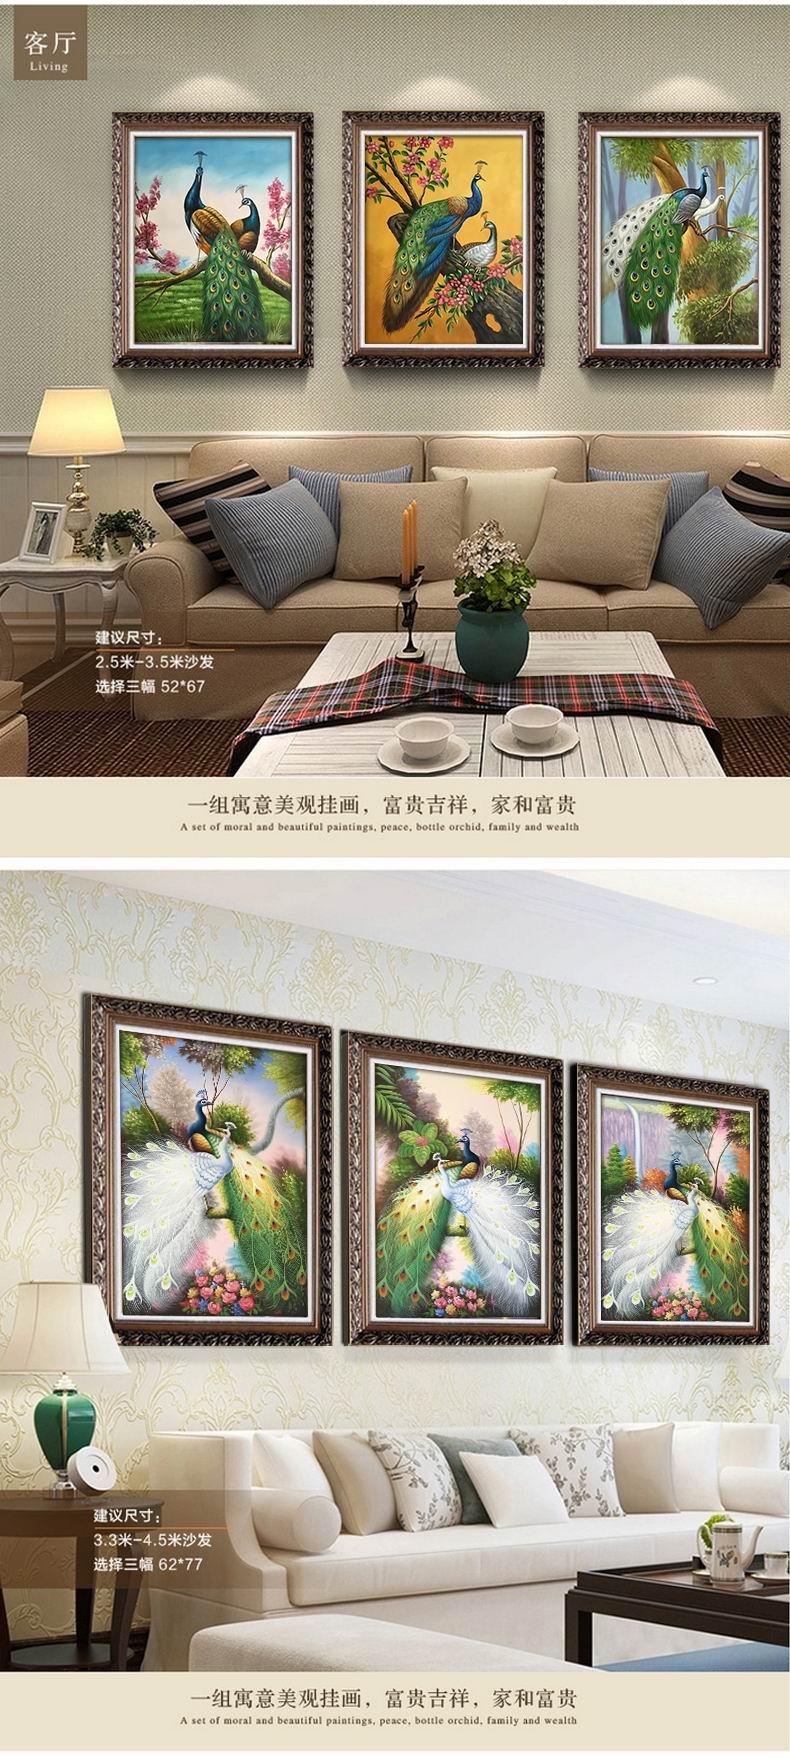 客厅装饰画现代欧式三联画沙发背景墙画美式壁画餐厅挂画油画孔雀 3图片